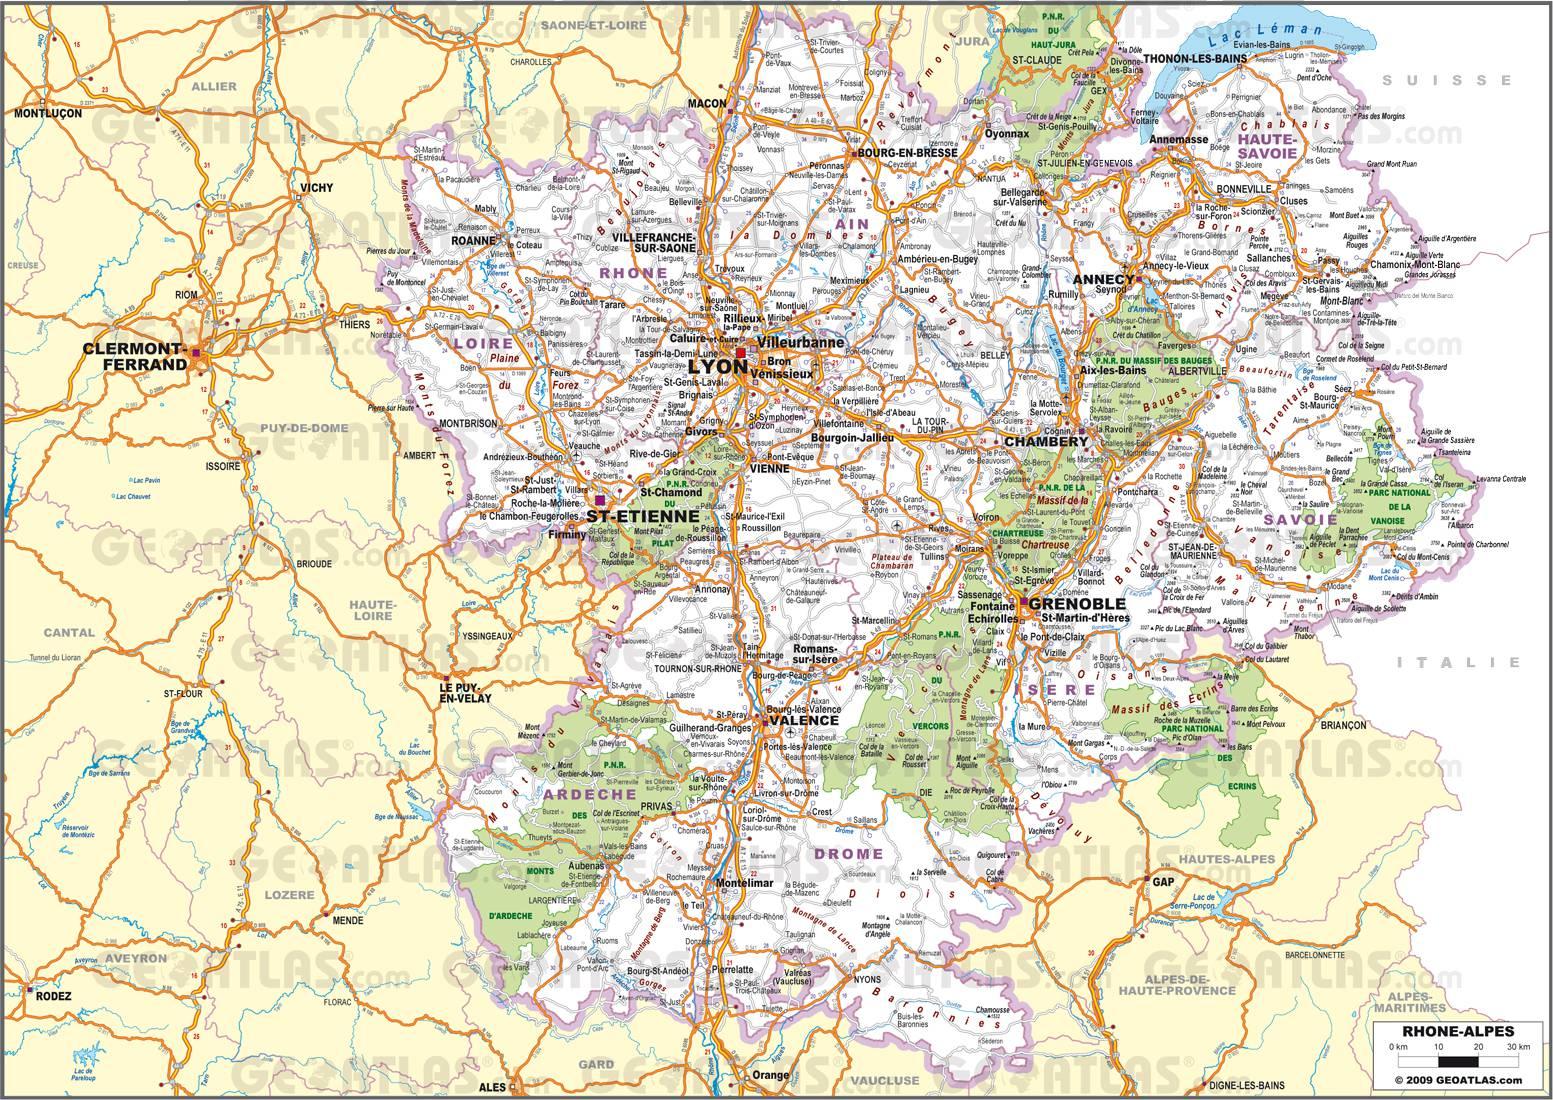 Carte routière de Rhône-Alpes